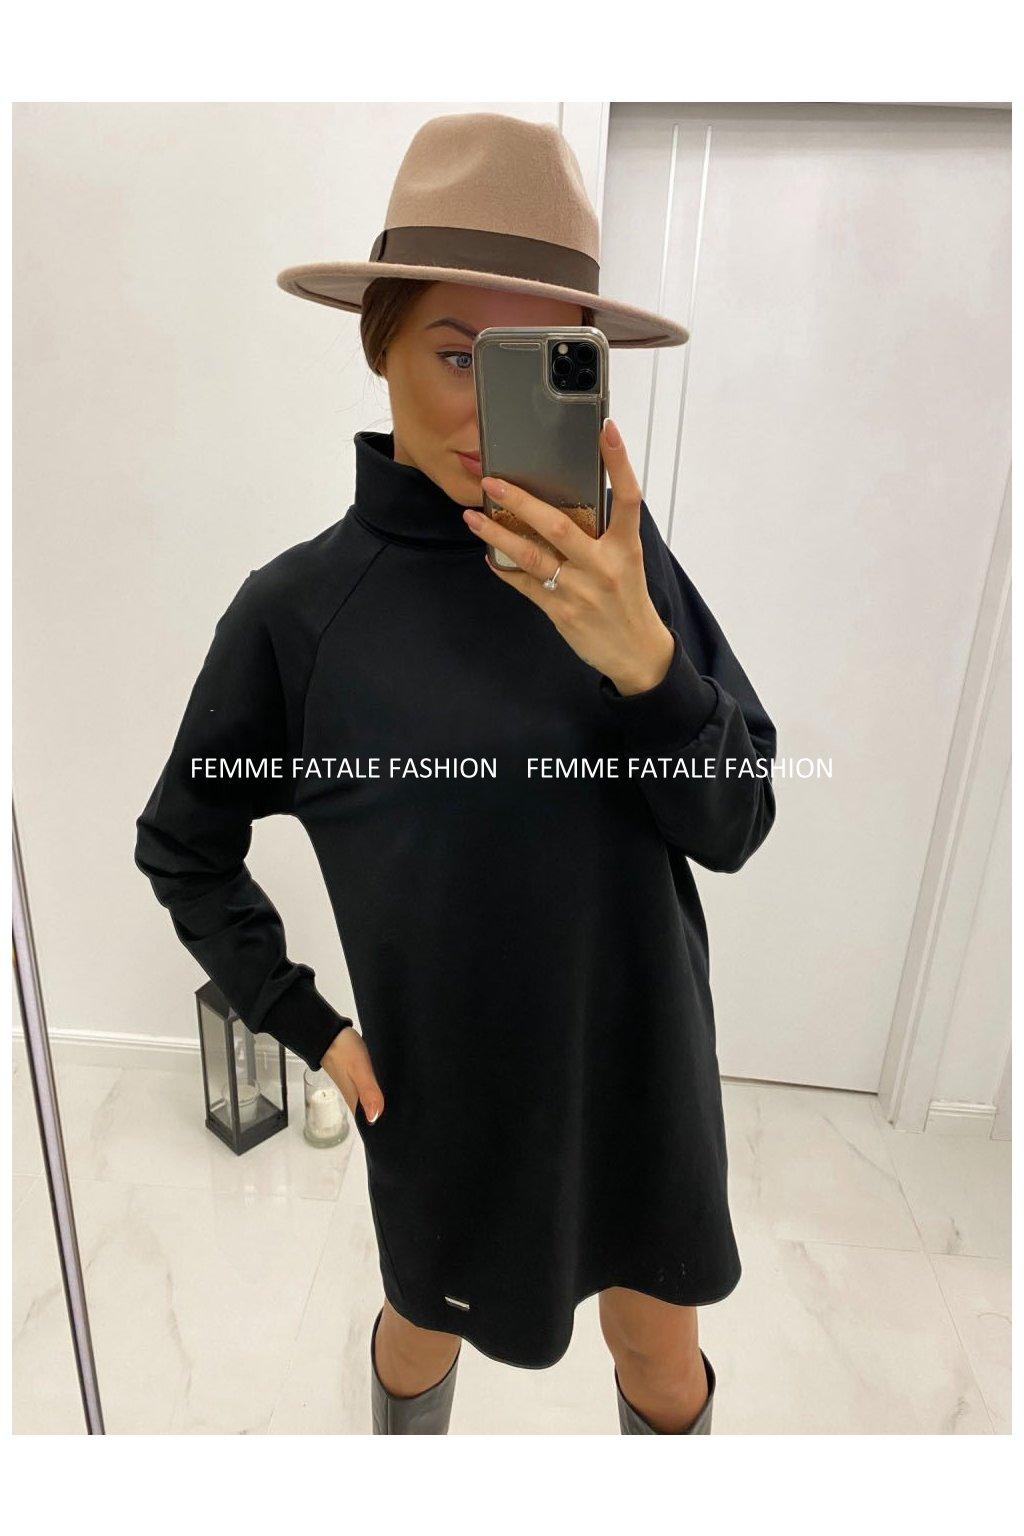 Dámské rolákové šaty s kapsami BASIC femmefatalefashion (4)